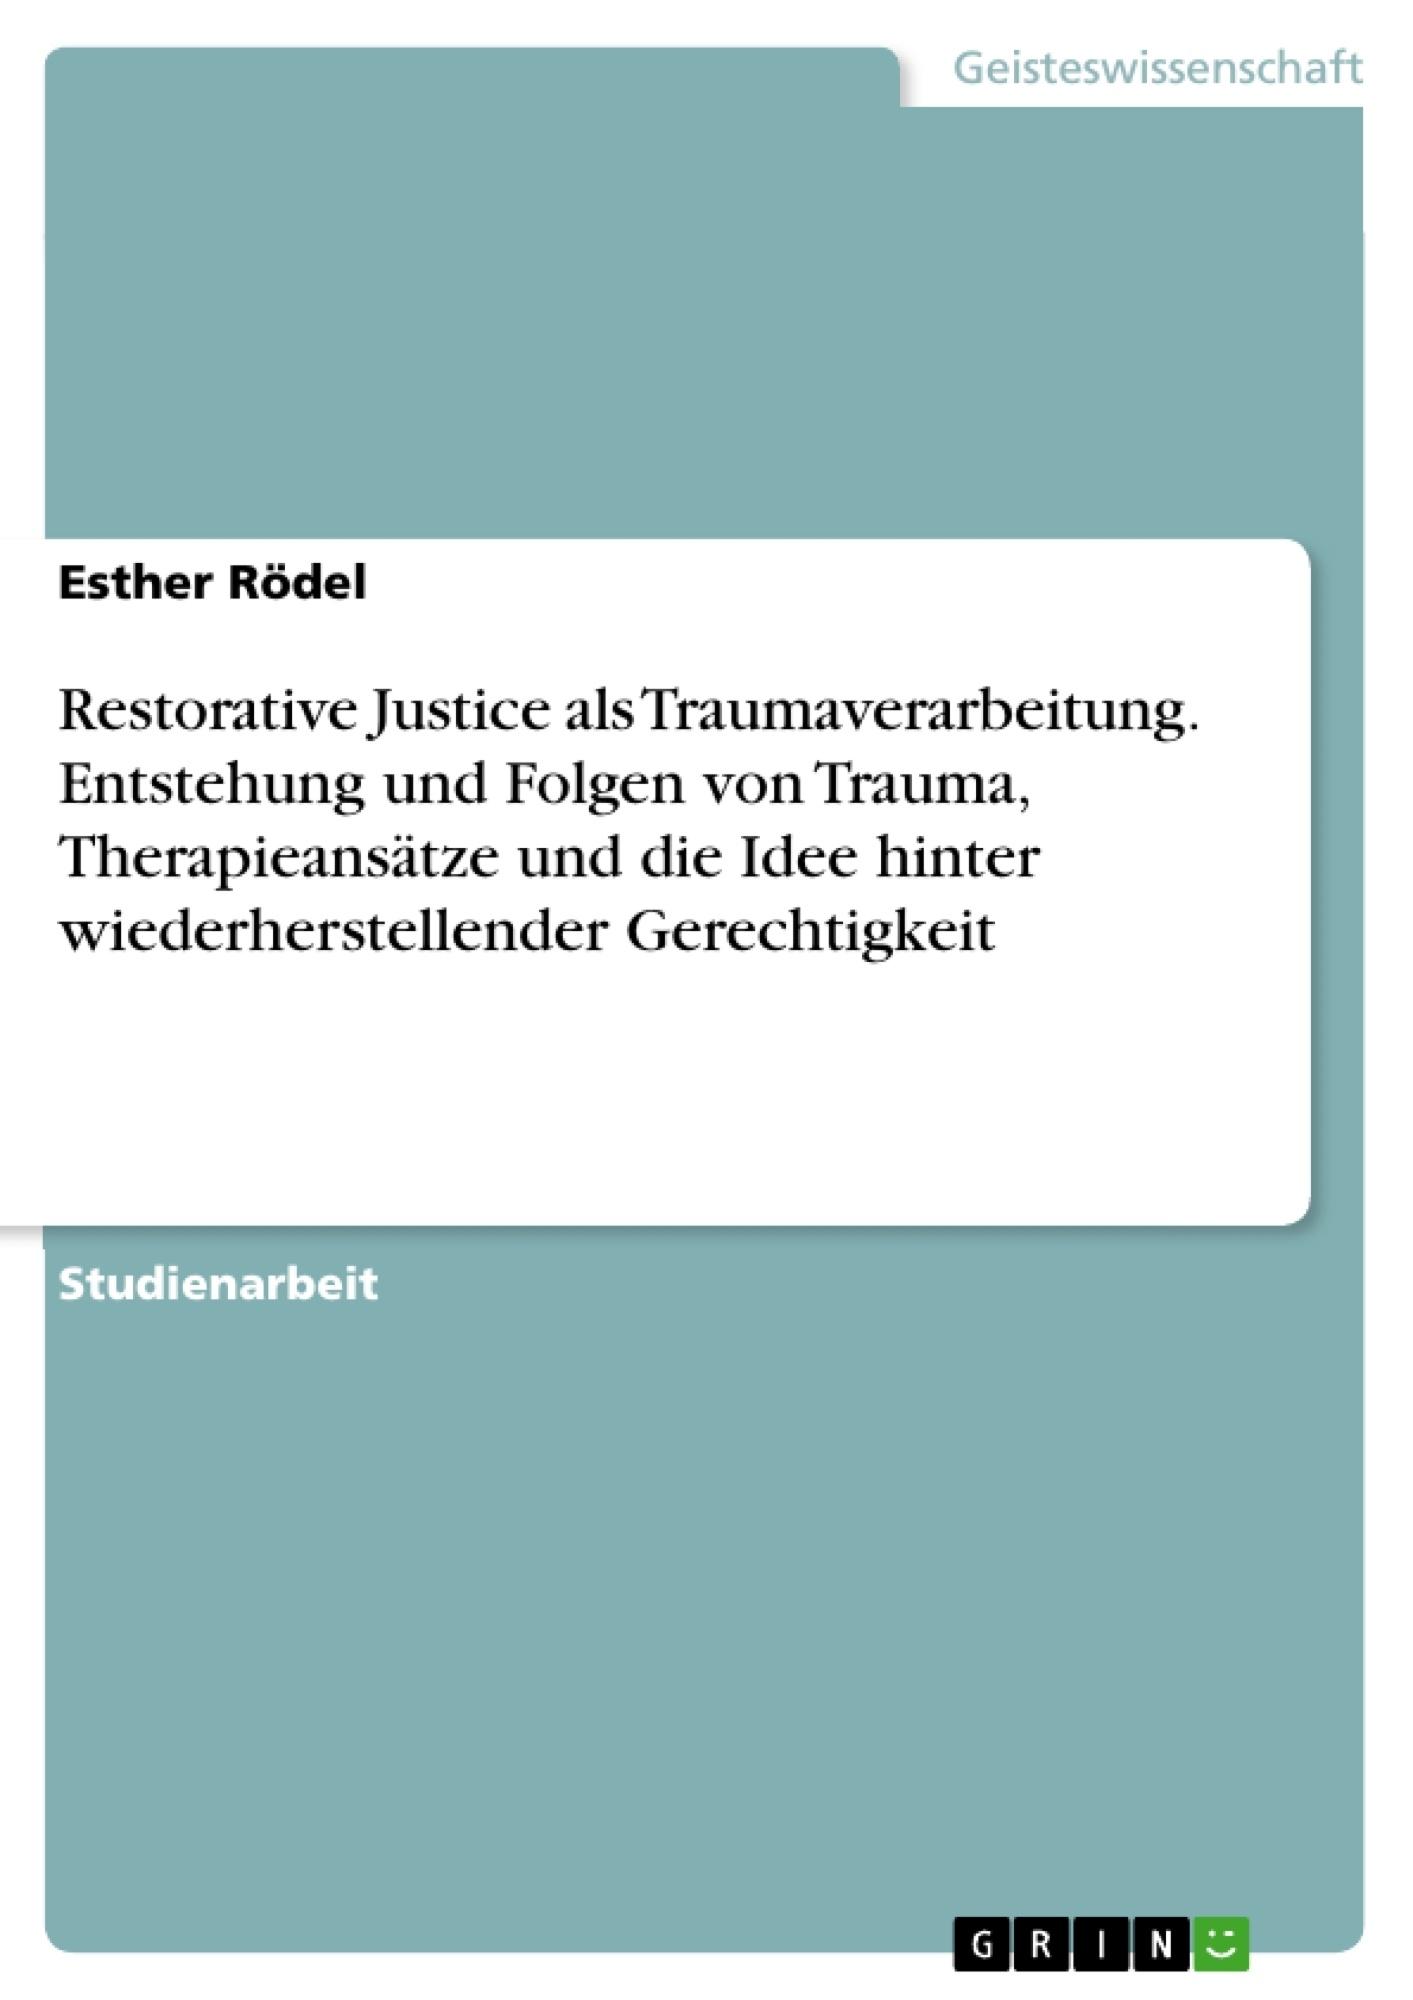 Titel: Restorative Justice als Traumaverarbeitung. Entstehung und Folgen von Trauma, Therapieansätze und die Idee hinter wiederherstellender Gerechtigkeit